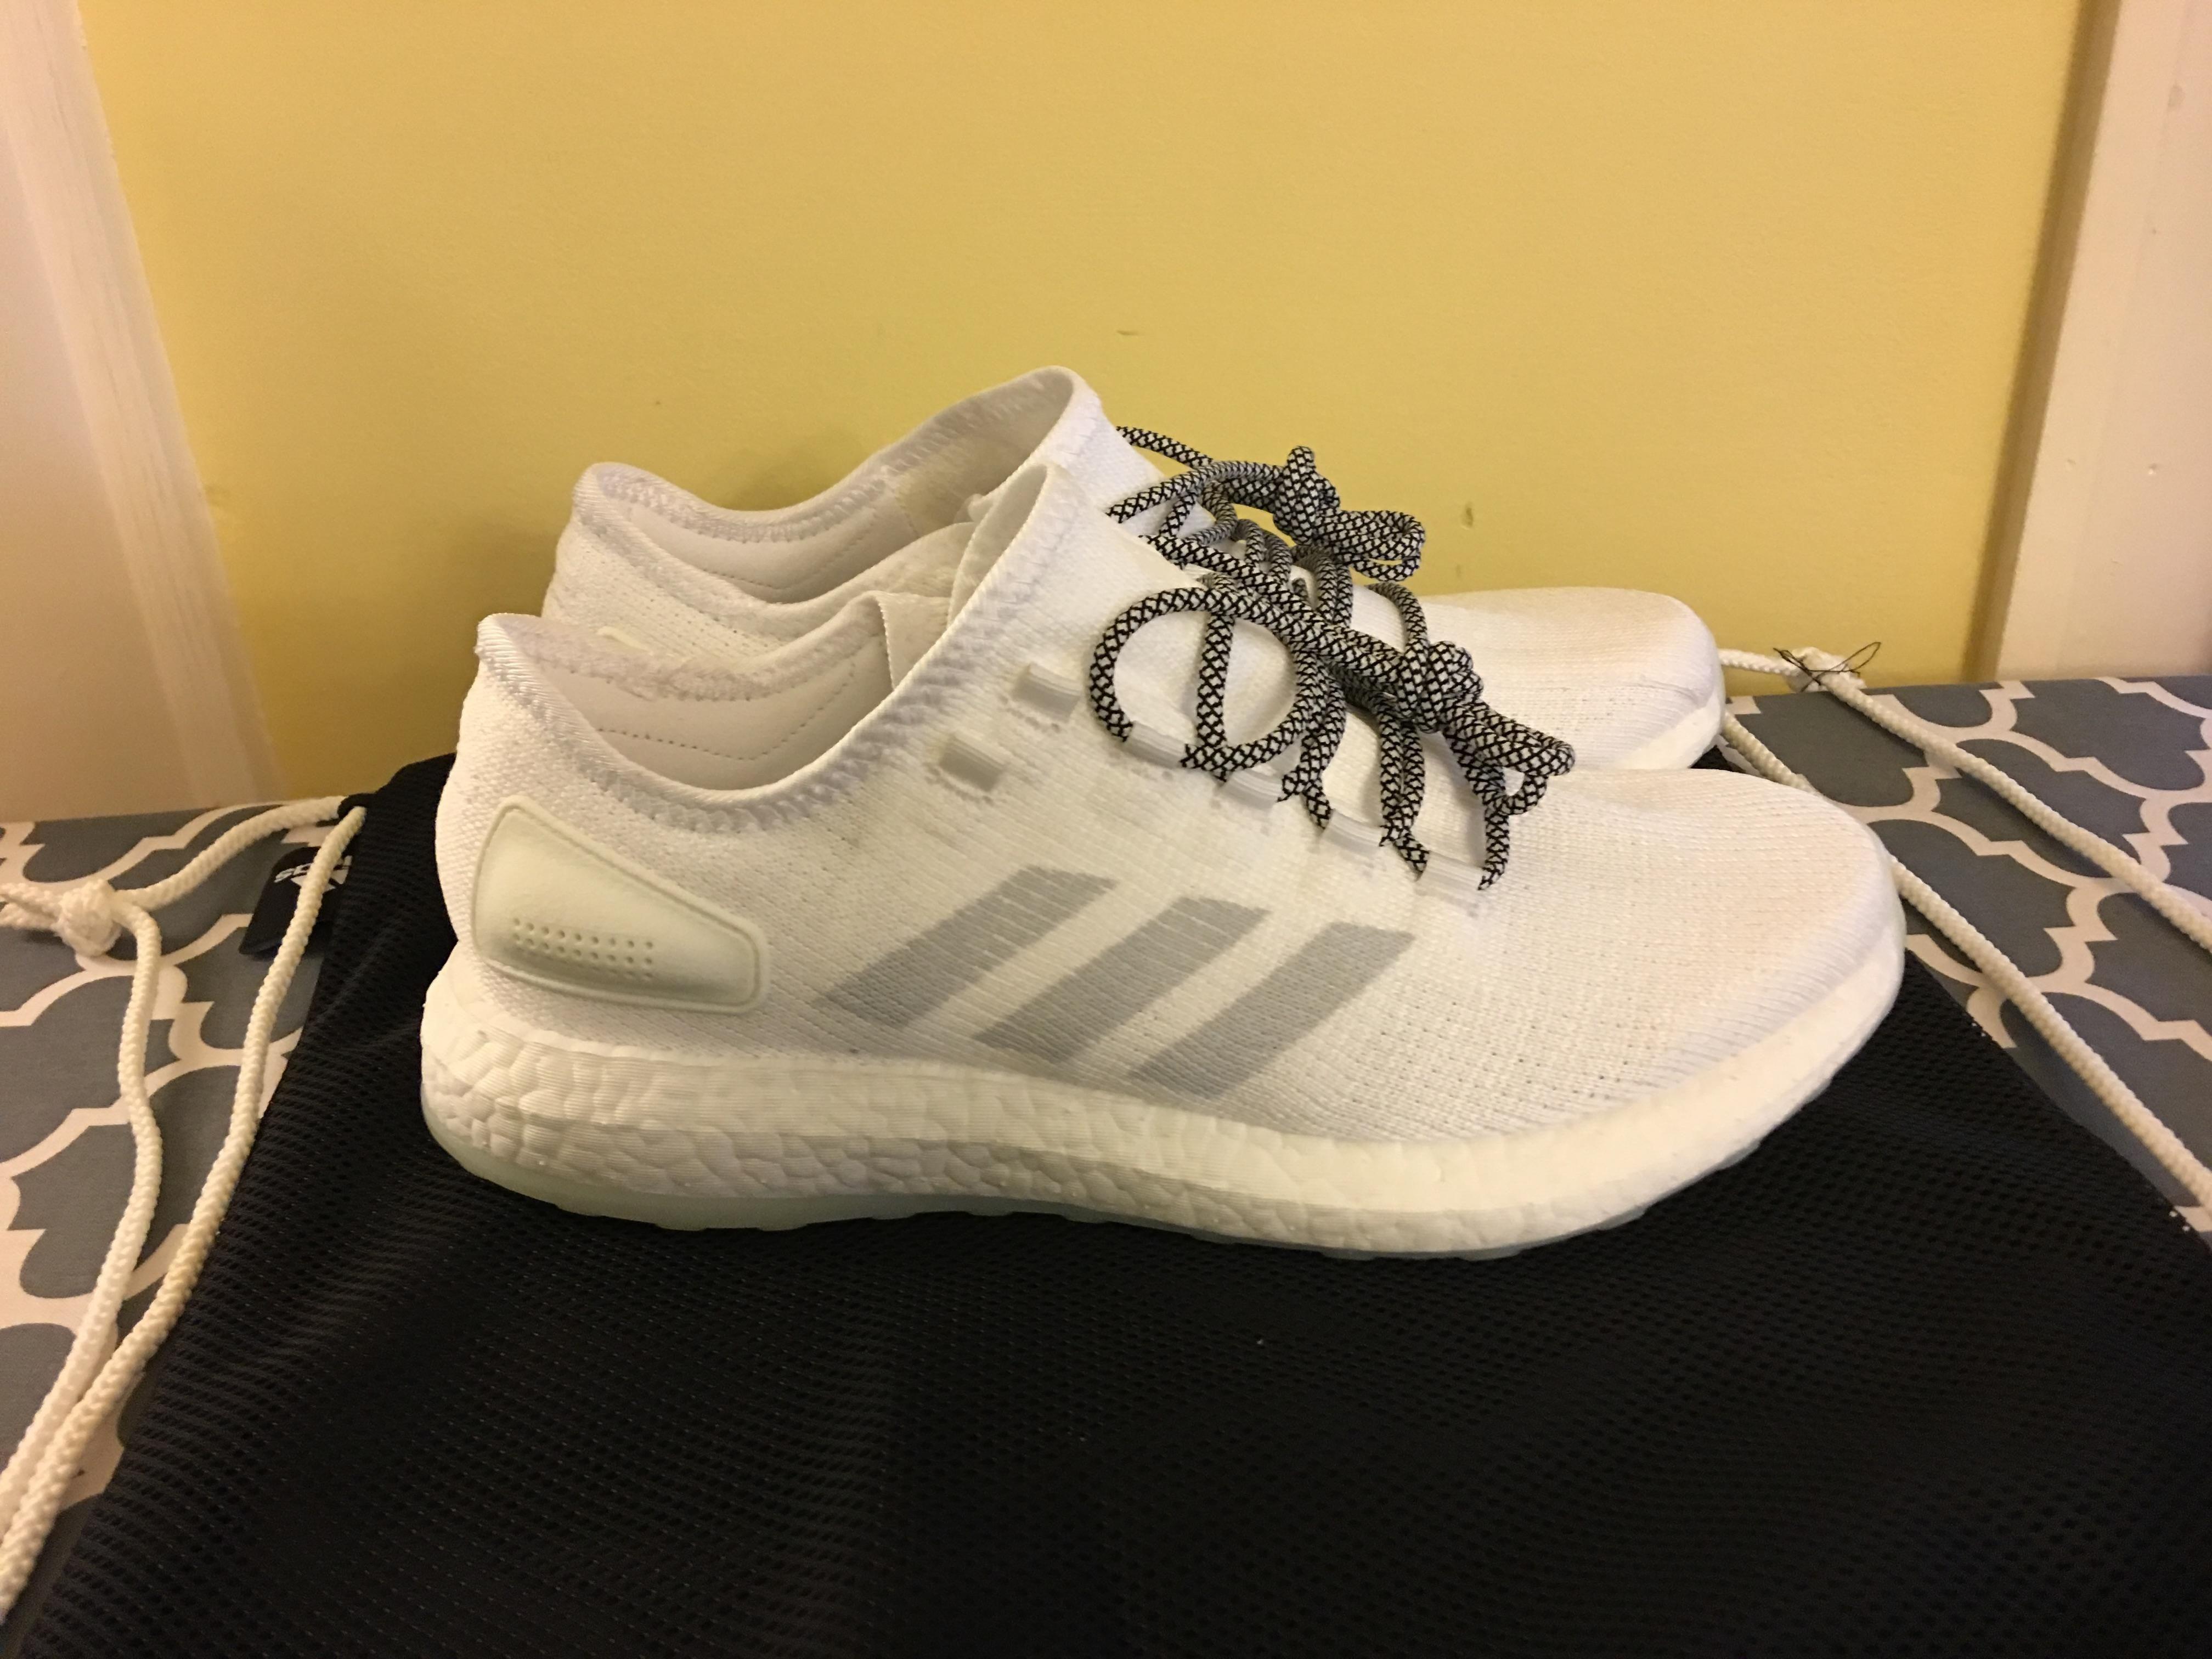 5d0f63108d92e LPU  Mi Adidas Pure boost